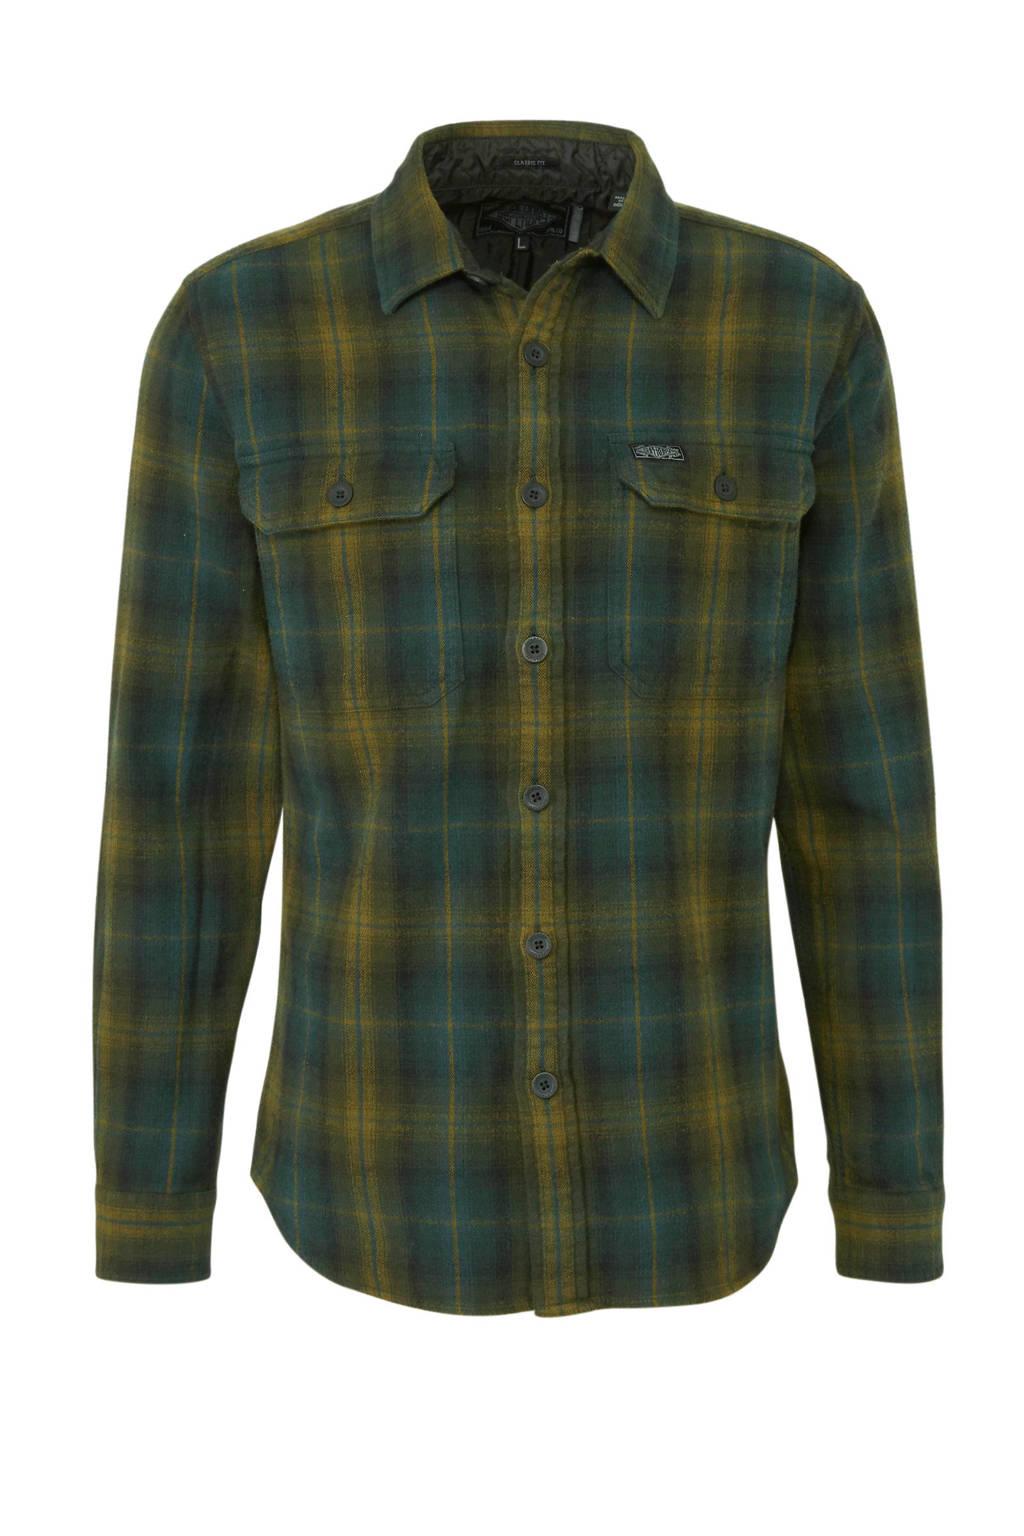 Superdry geruit regular fit overhemd groen/geel, Groen/geel